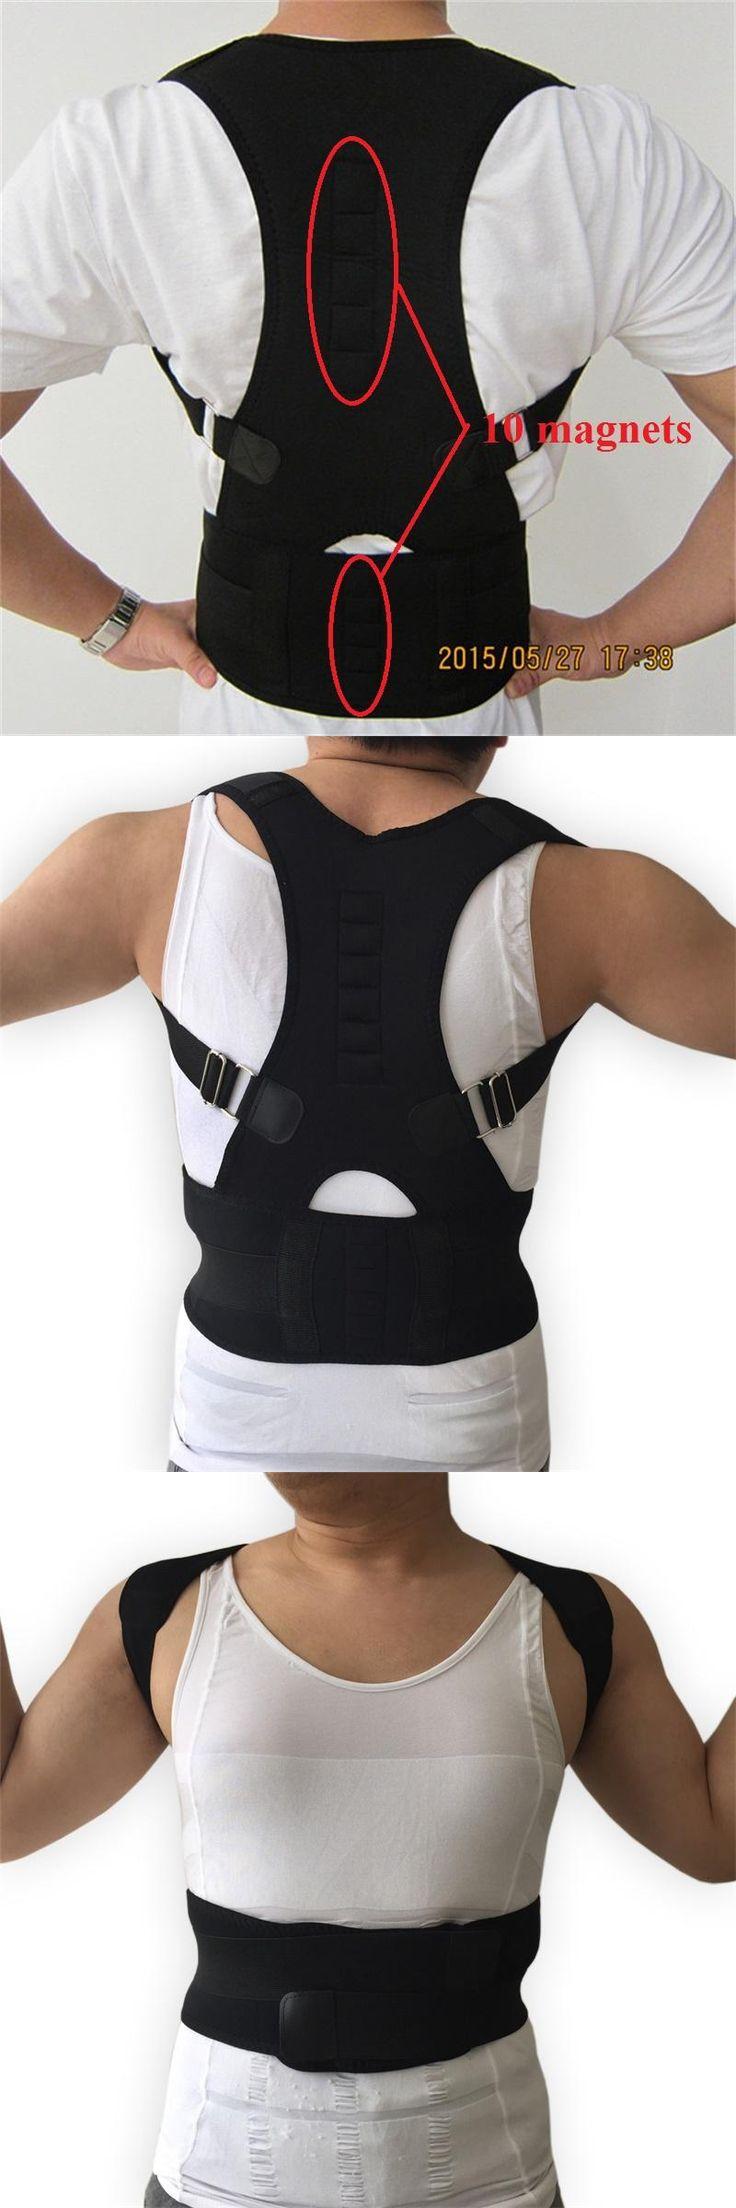 [Visit to Buy] HEALTH CARE Men's Lumbar Support Belt Strap Back Posture Corrector Back Braces Belts Posture Corset for Men AFT-B002 #Advertisement